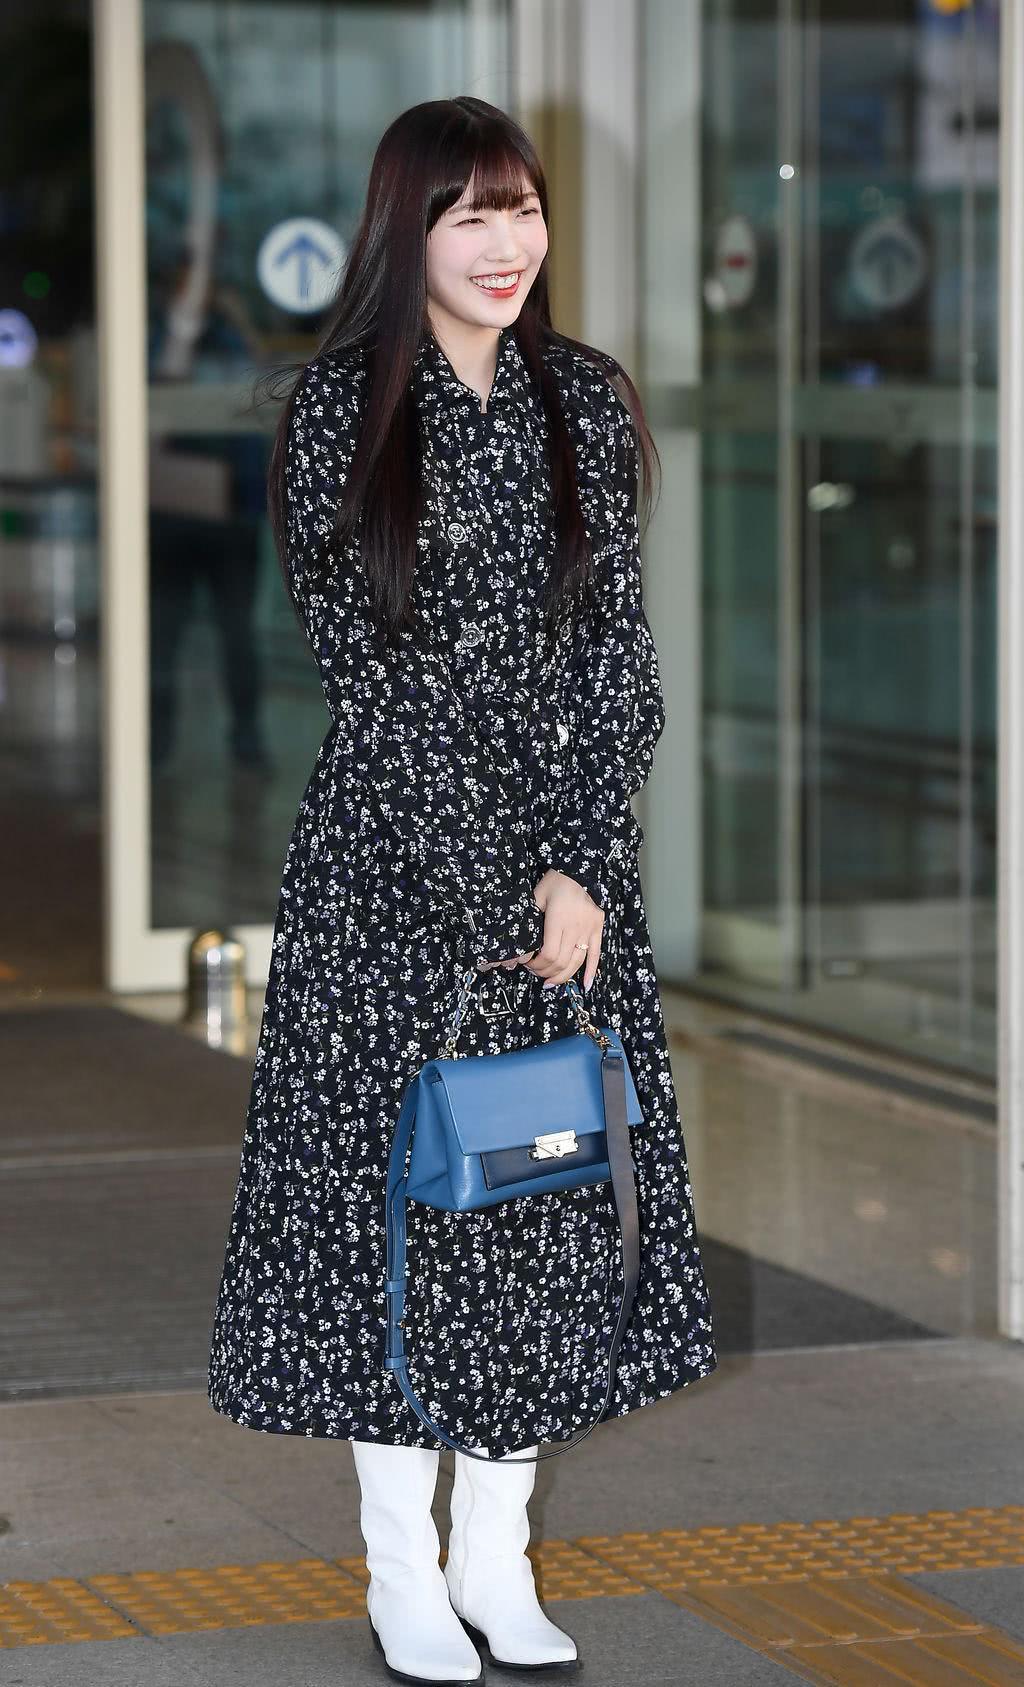 朴秀荣碎花裙搭配白靴略显矮,黑长直齐刘海加分,凭甜美气质获赞